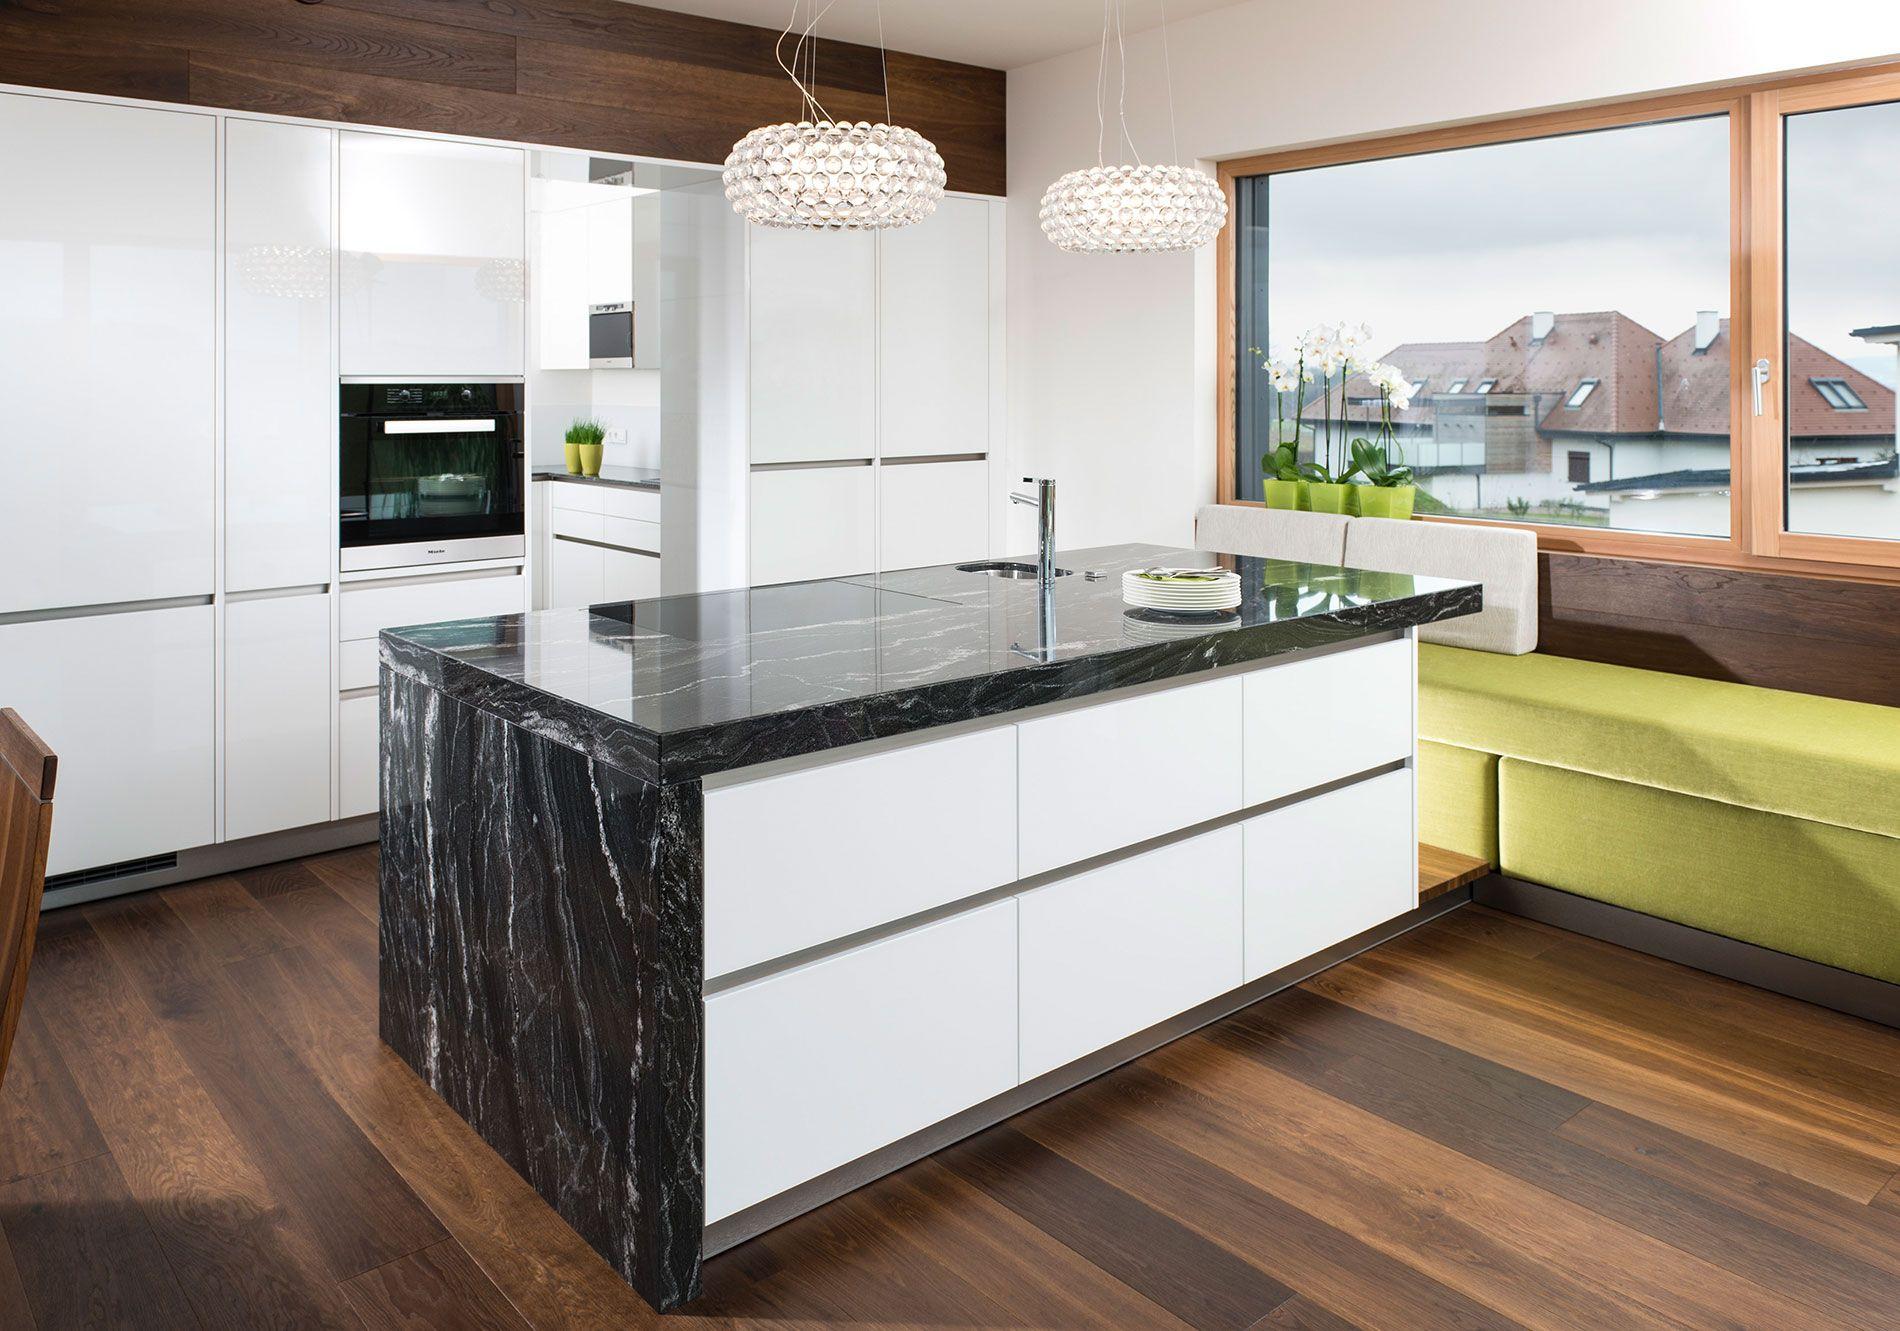 Wunderbar Küchendesign 2015 Australien Zeitgenössisch - Ideen Für ...